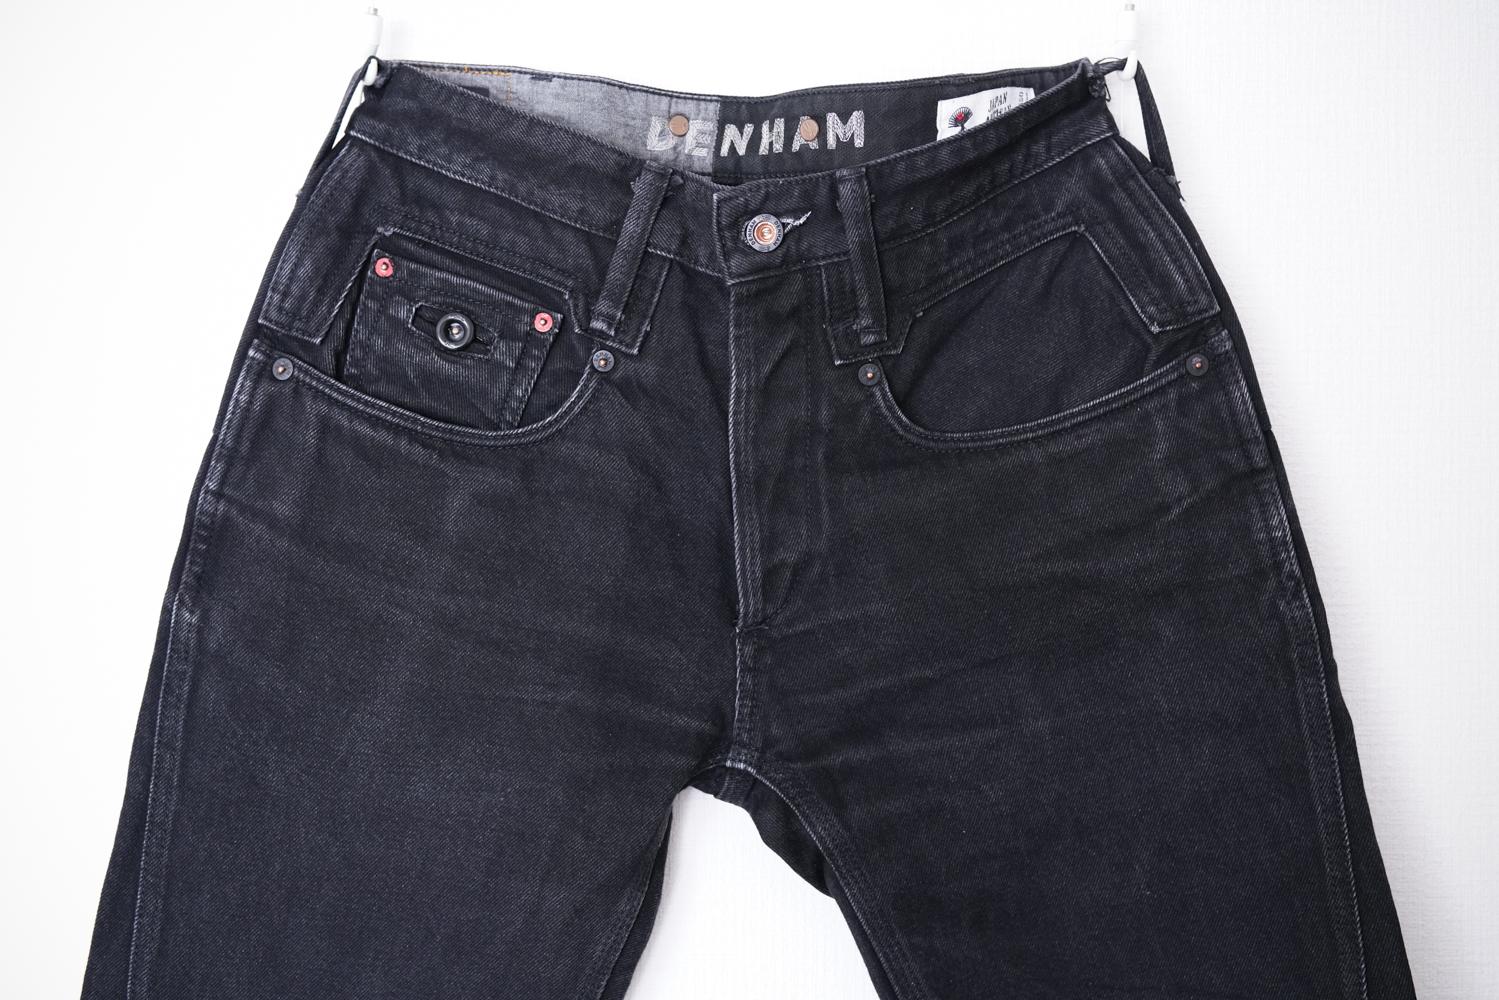 ブラックジーンズ 色落ち エイジング 経年変化 デンハム